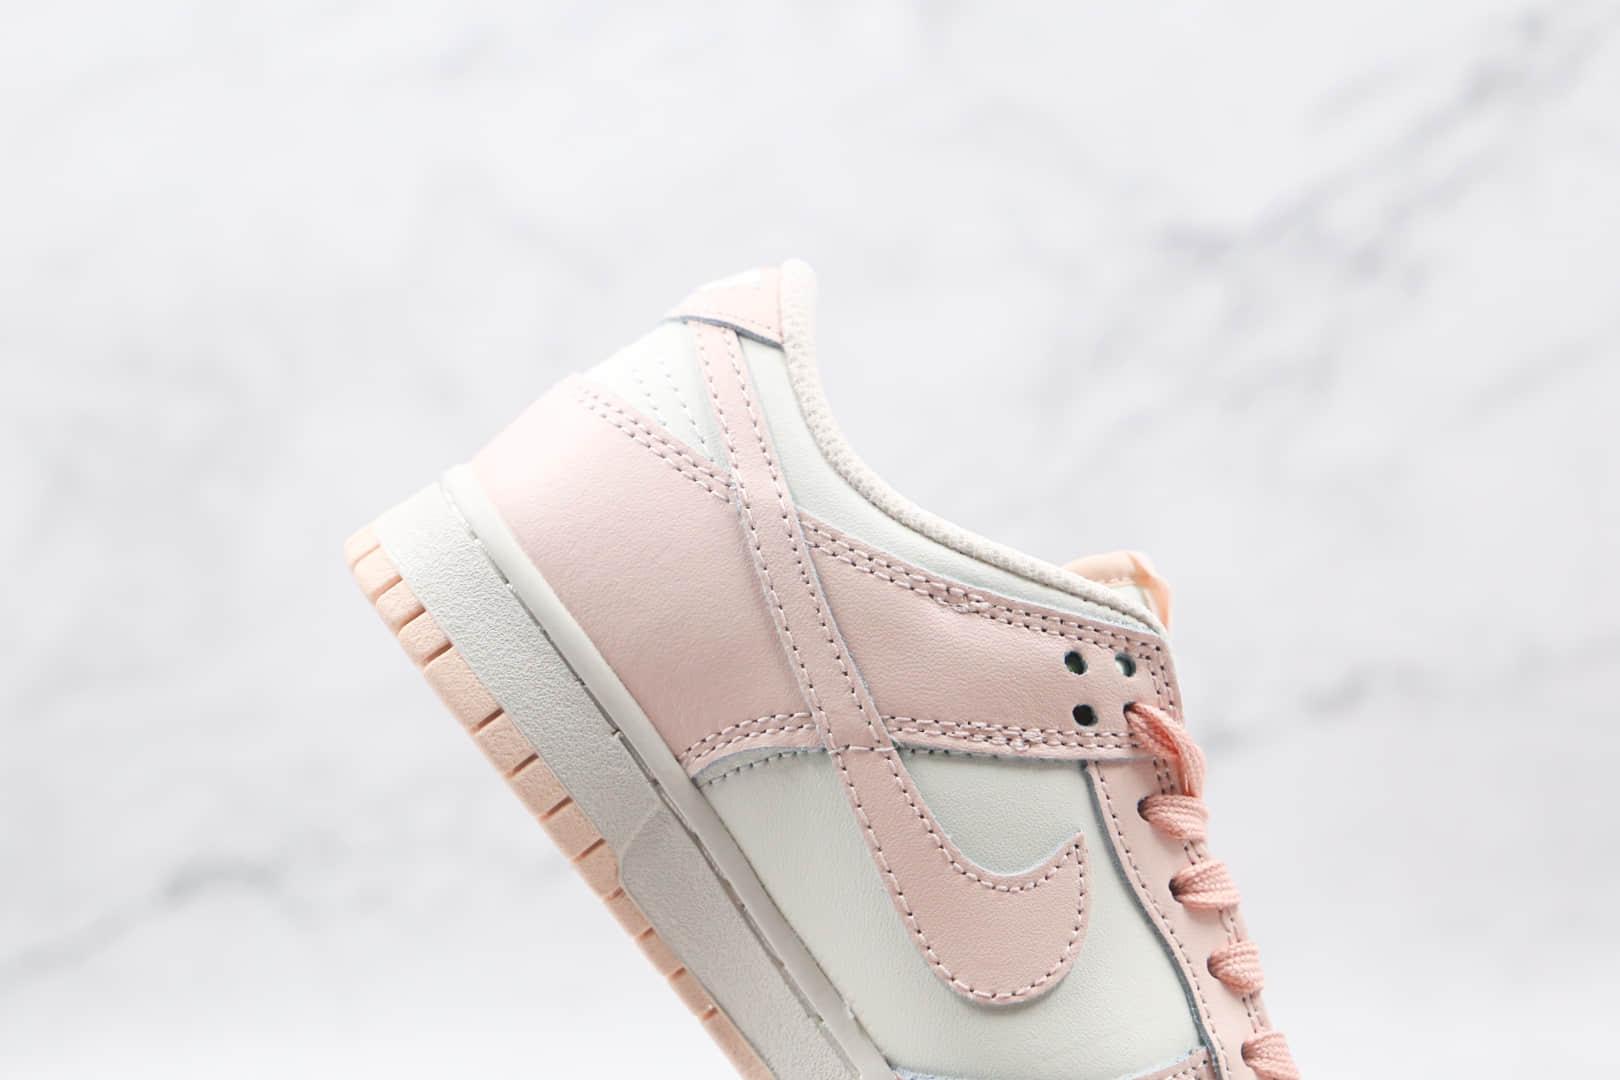 耐克Nike SB Dunk low Orange Pearl纯原版本低帮SB DUNK樱花女神粉板鞋内置Zoom气垫 货号:DD1503-102